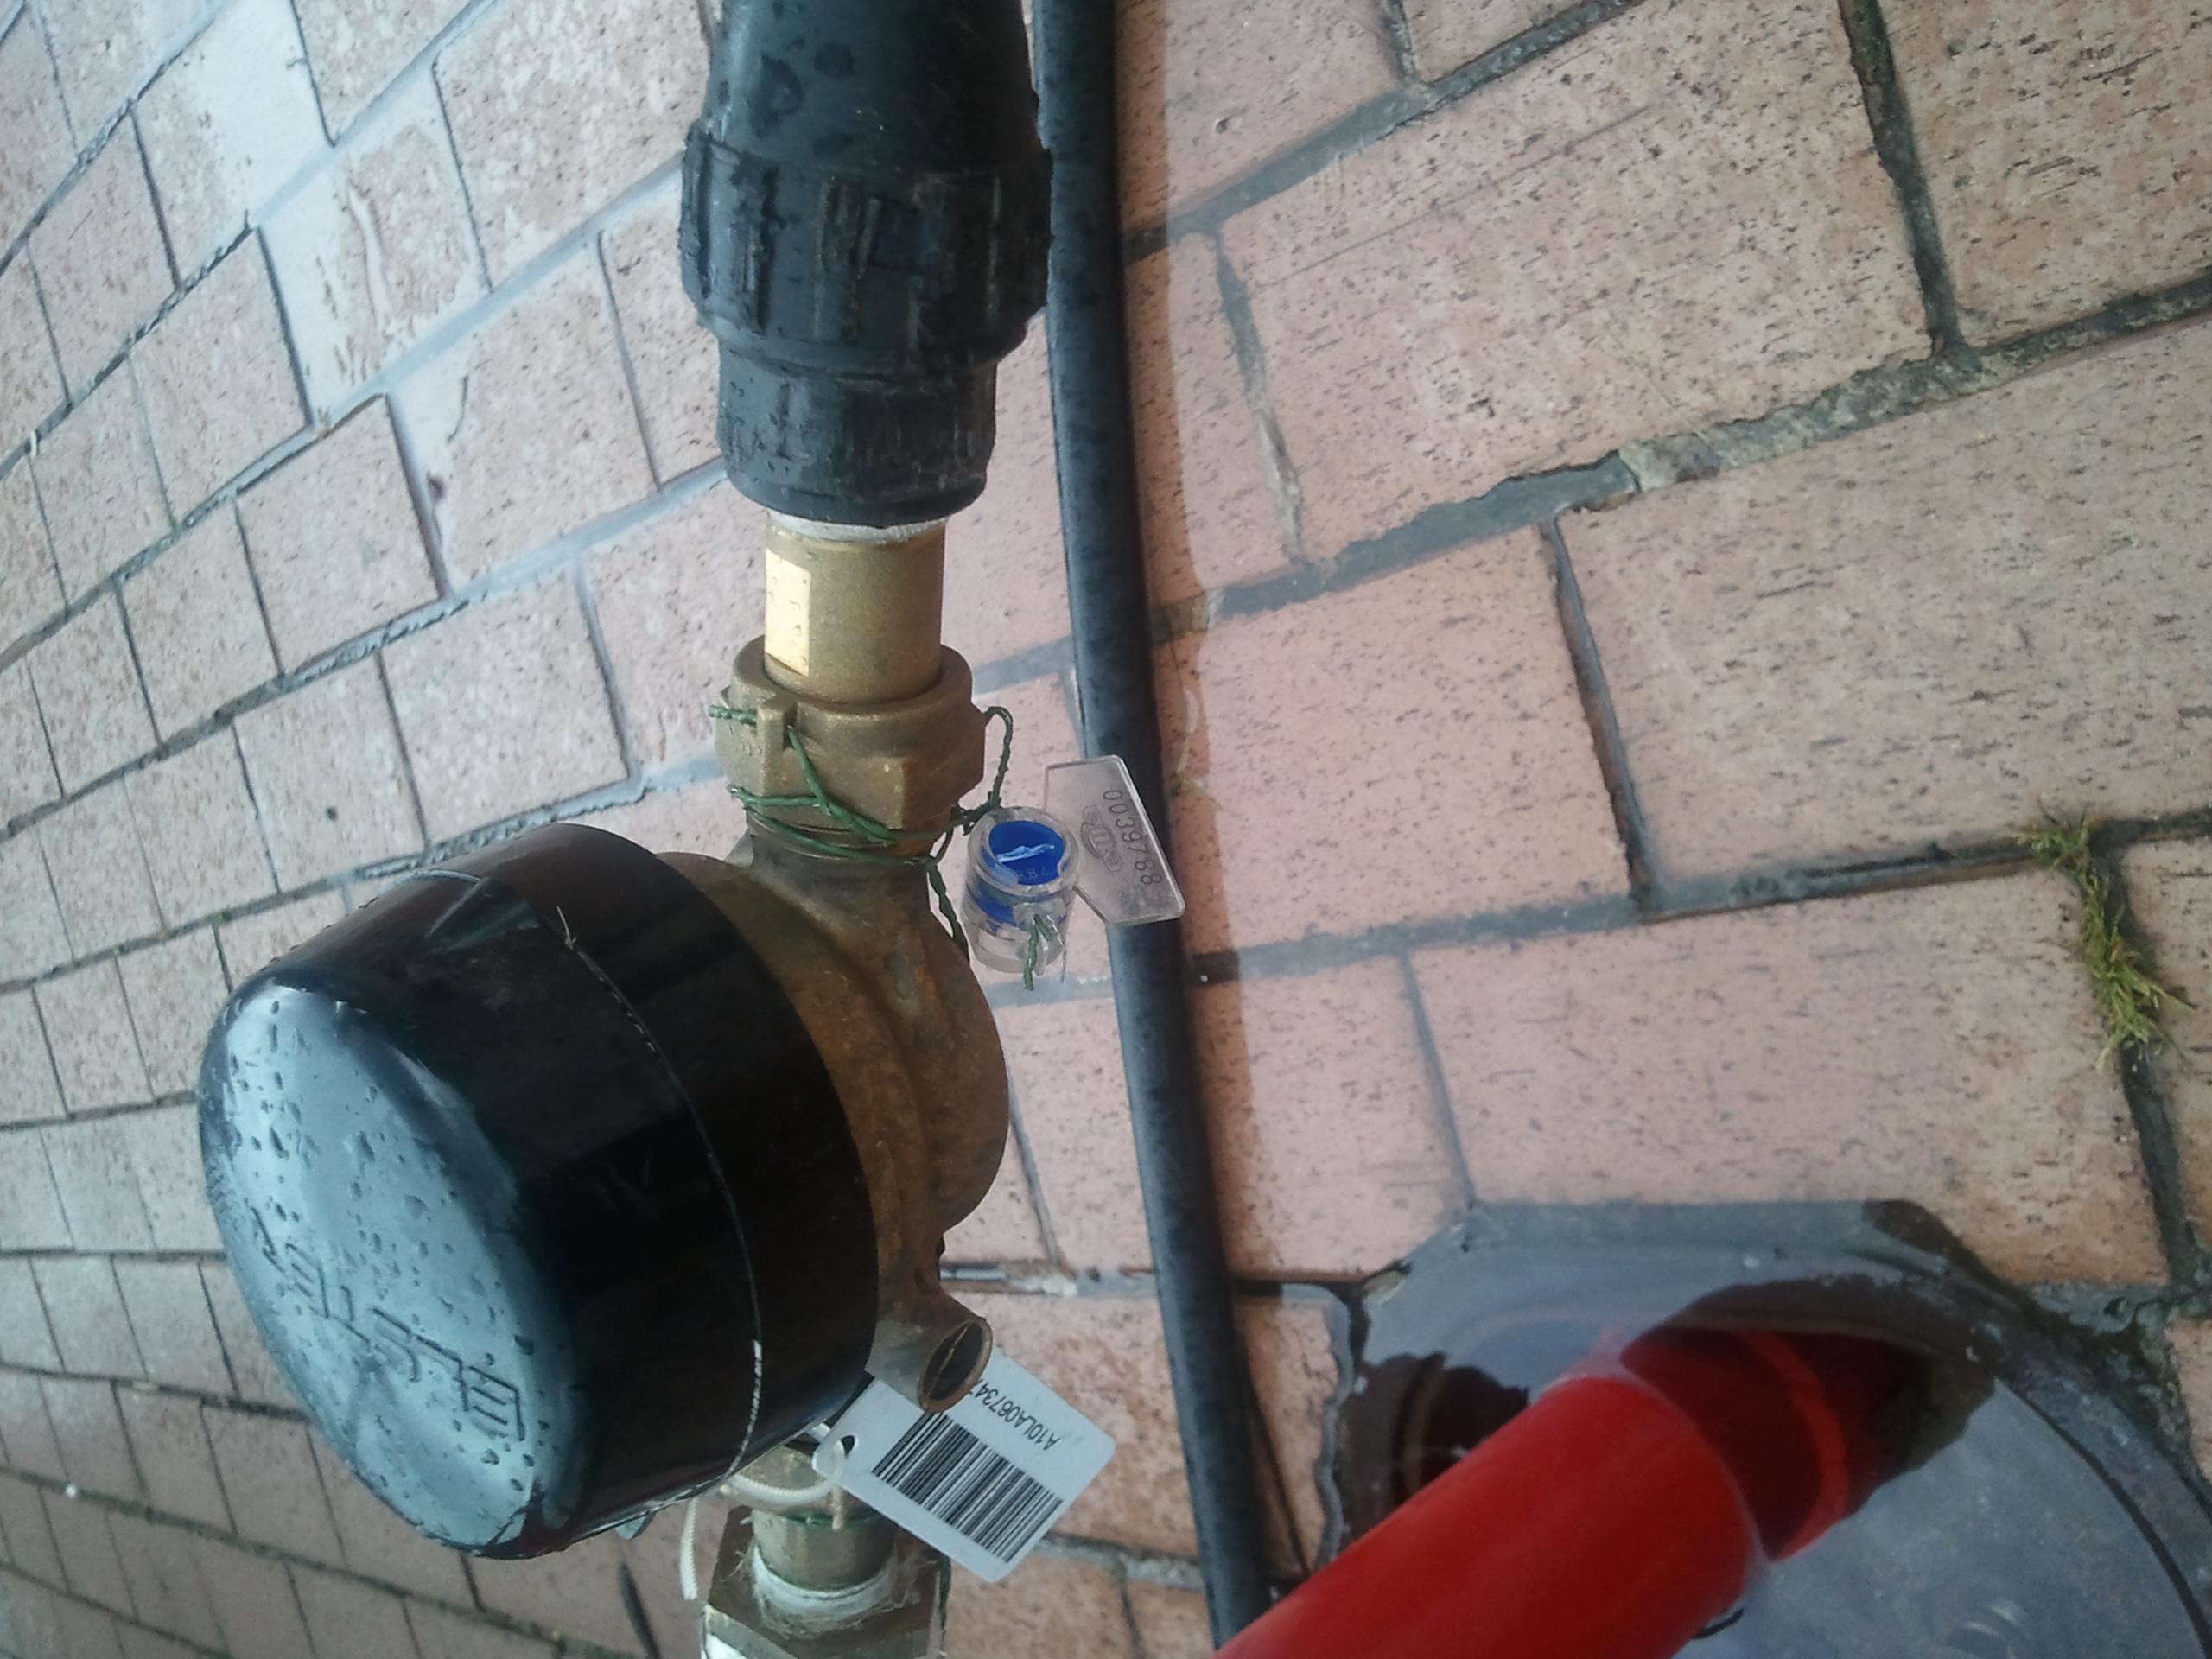 Plombe mit Drehverschluss Euro Tool Less, eingesetzt an einem Wasserzähler